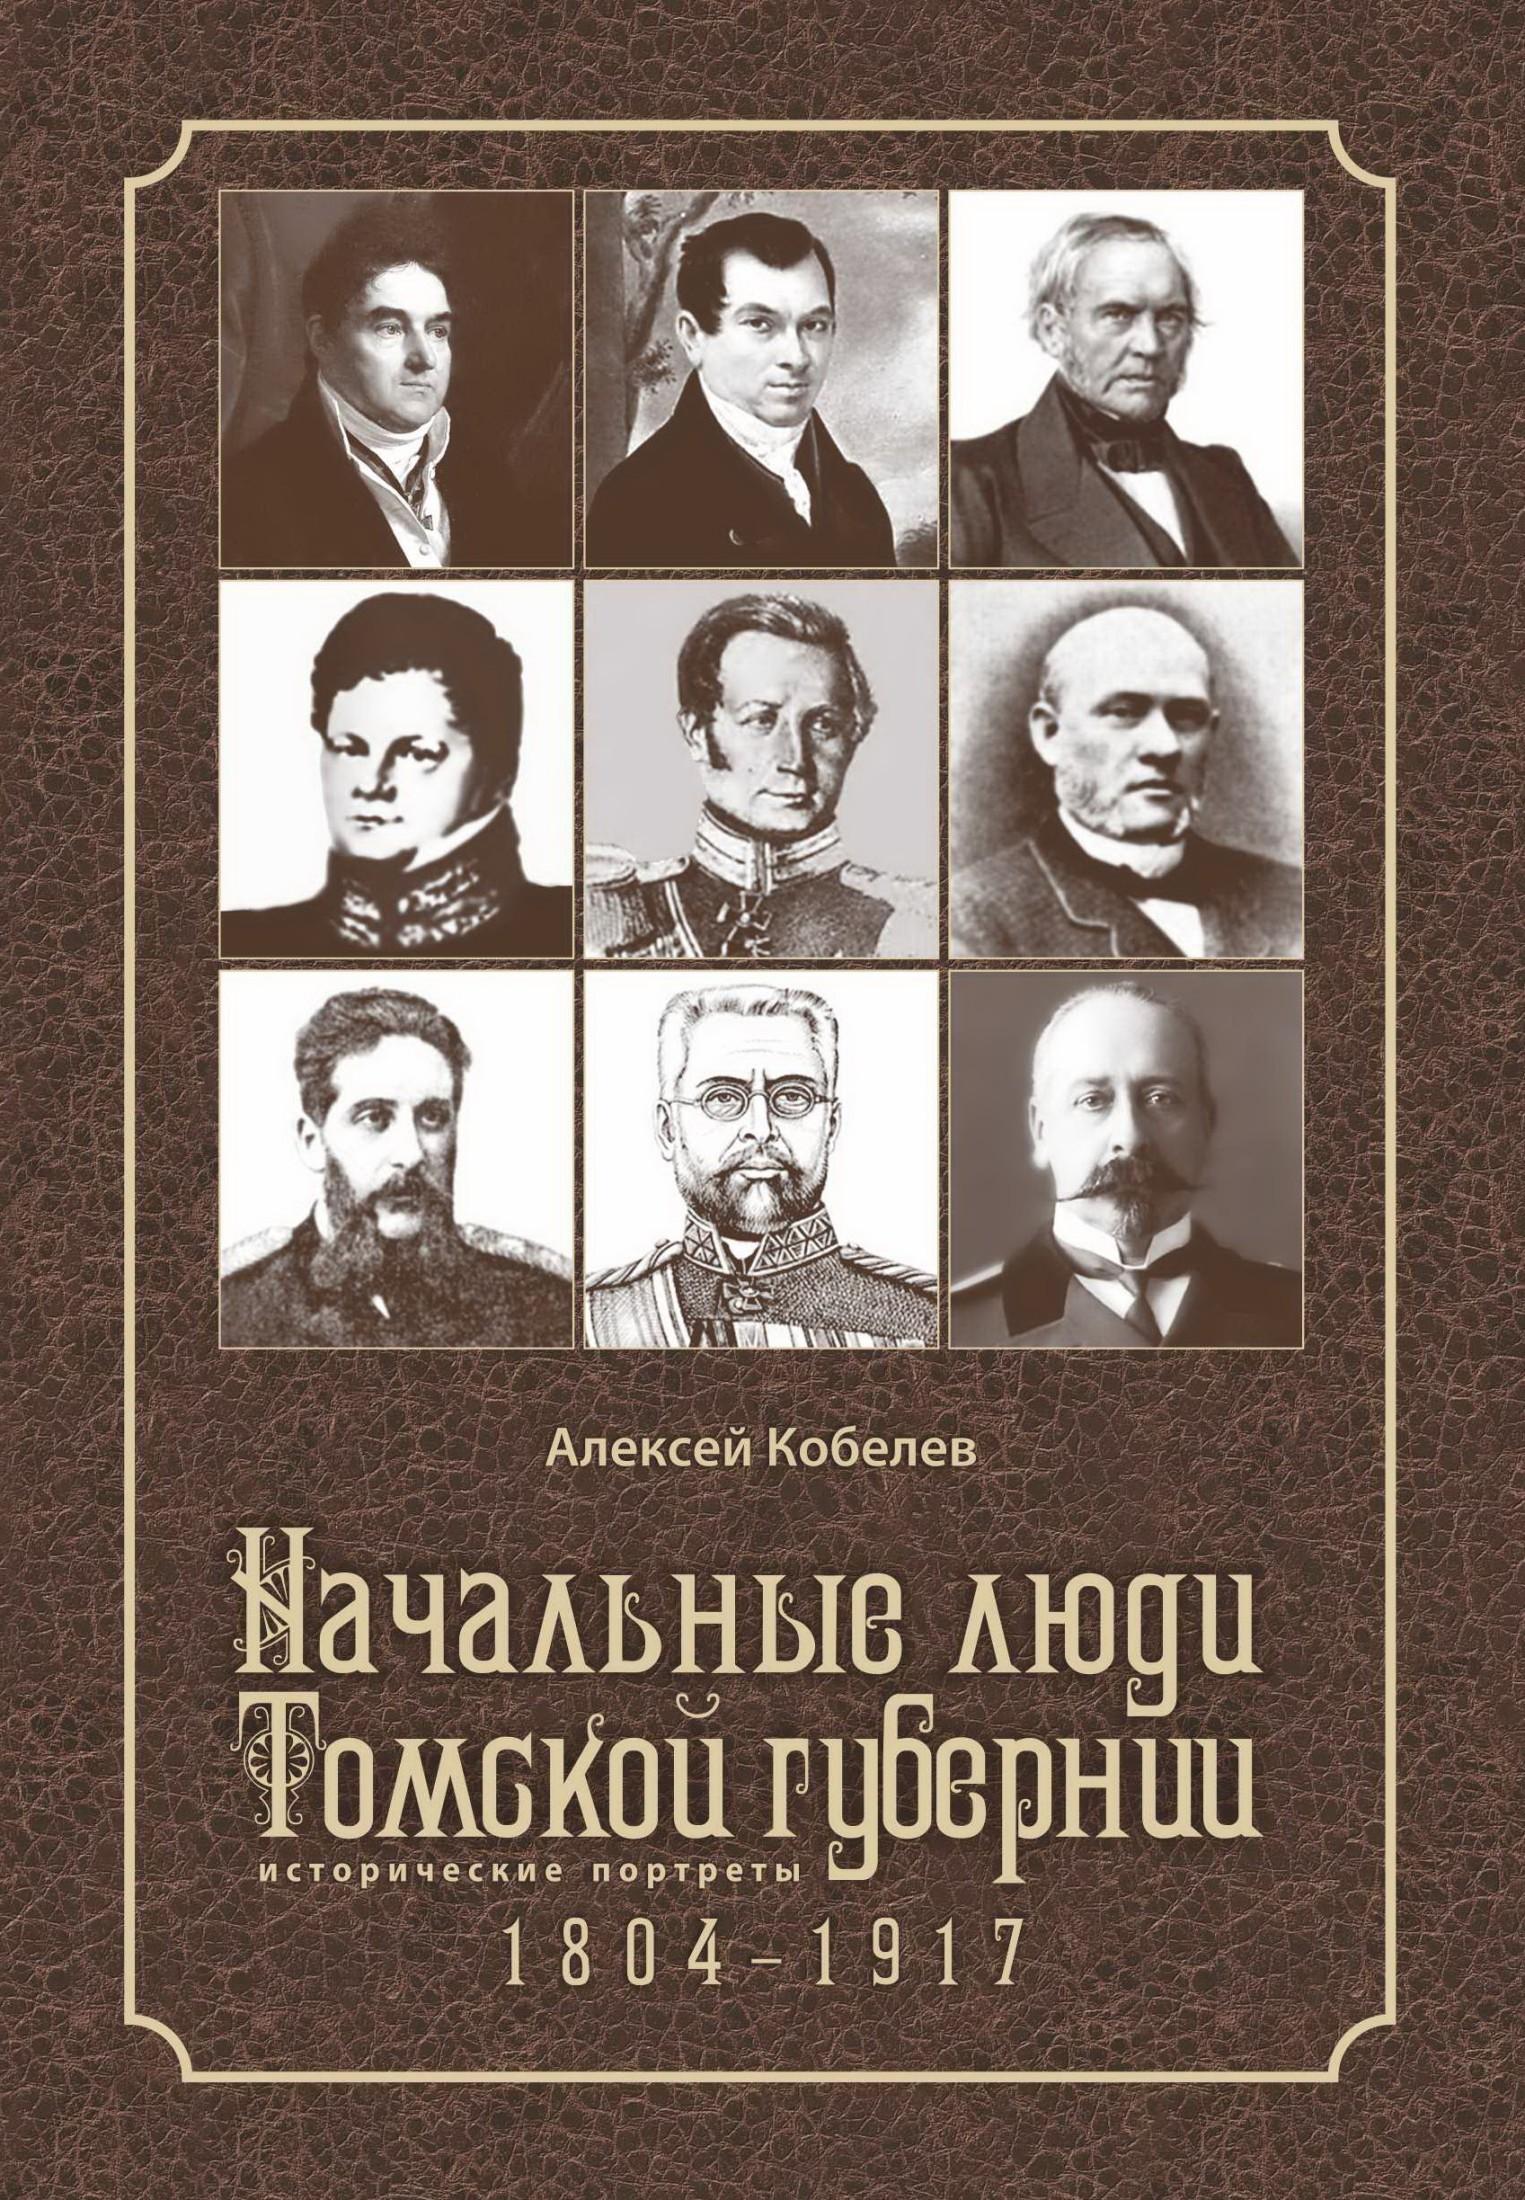 Алексей Кобелев - Начальные люди Томской губернии. Исторические портреты 1804-1917